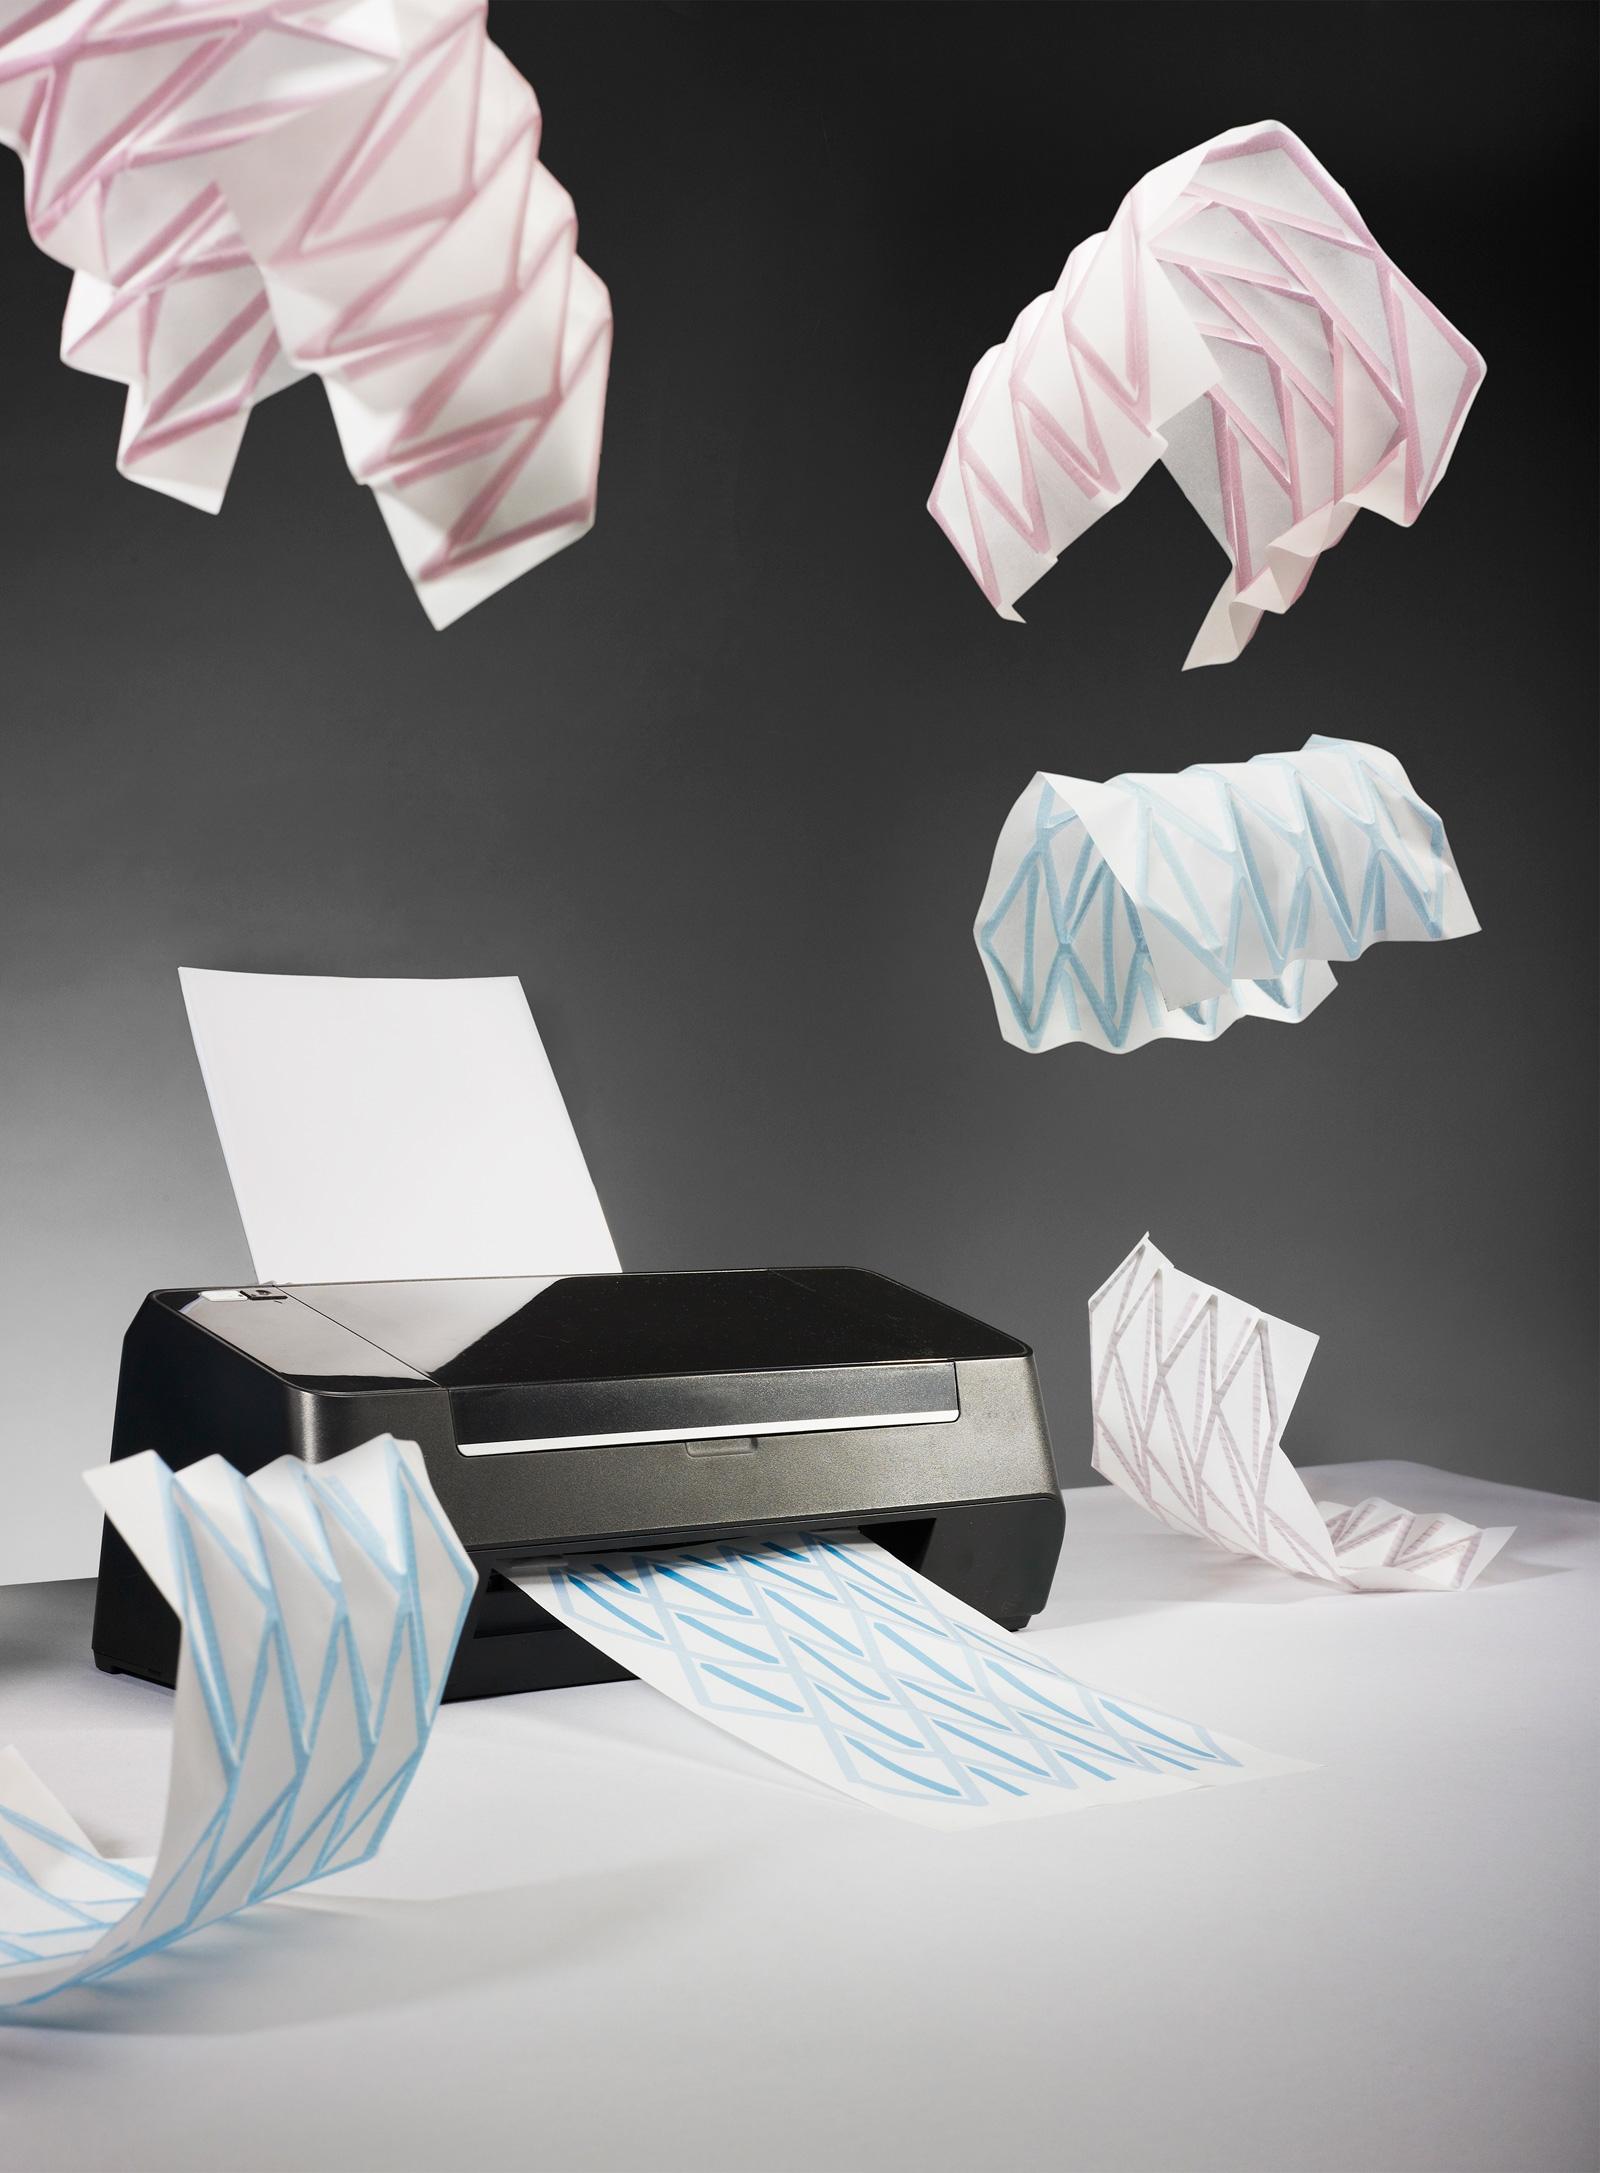 схема майнкрафт из бумаги без скотча